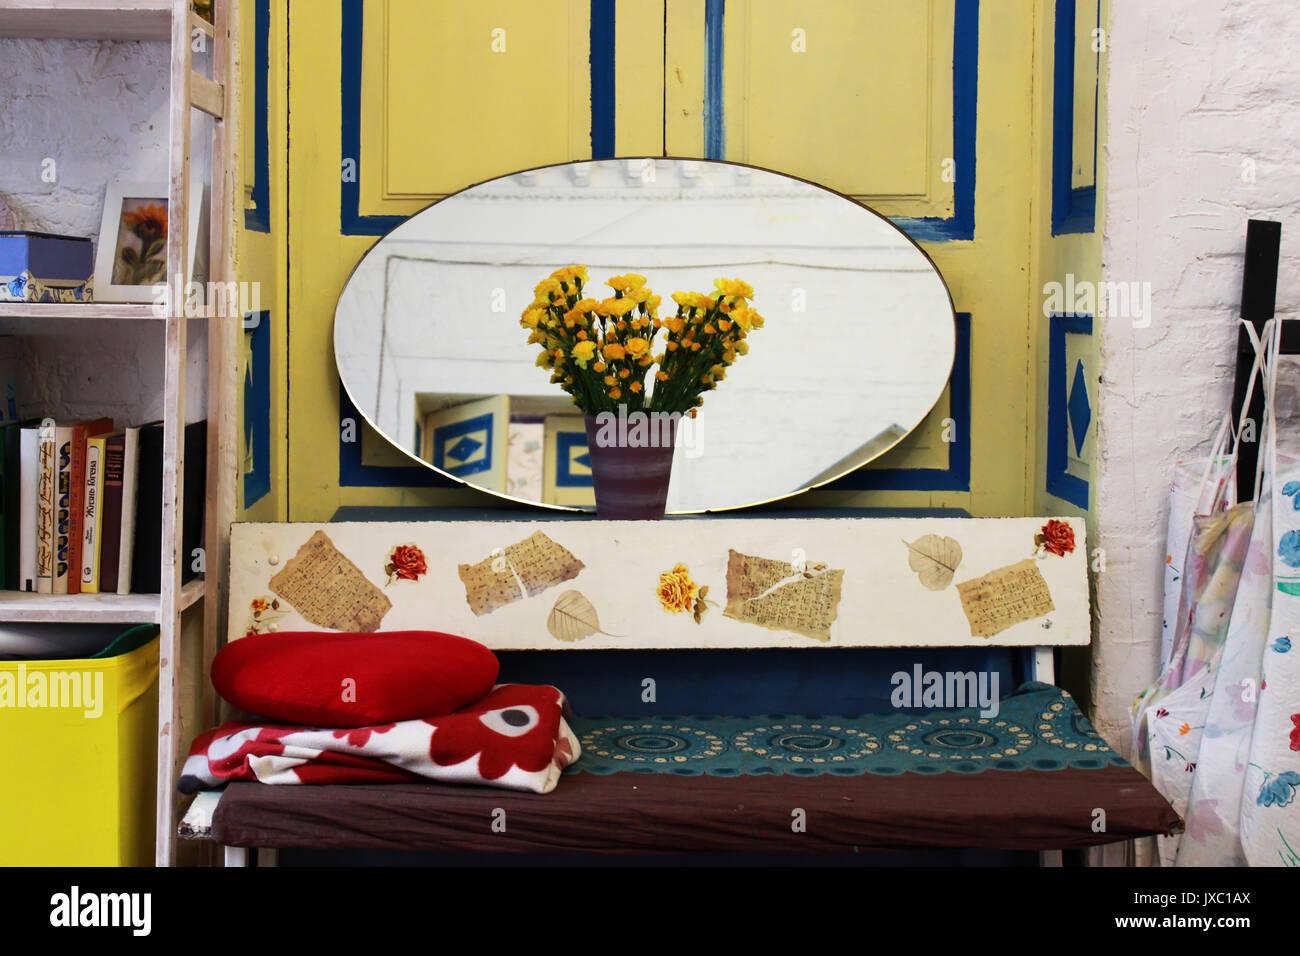 Fiori Gialli Libri.Spazio Alla Creativita Casa Accogliente Interno Da Uno Specchio